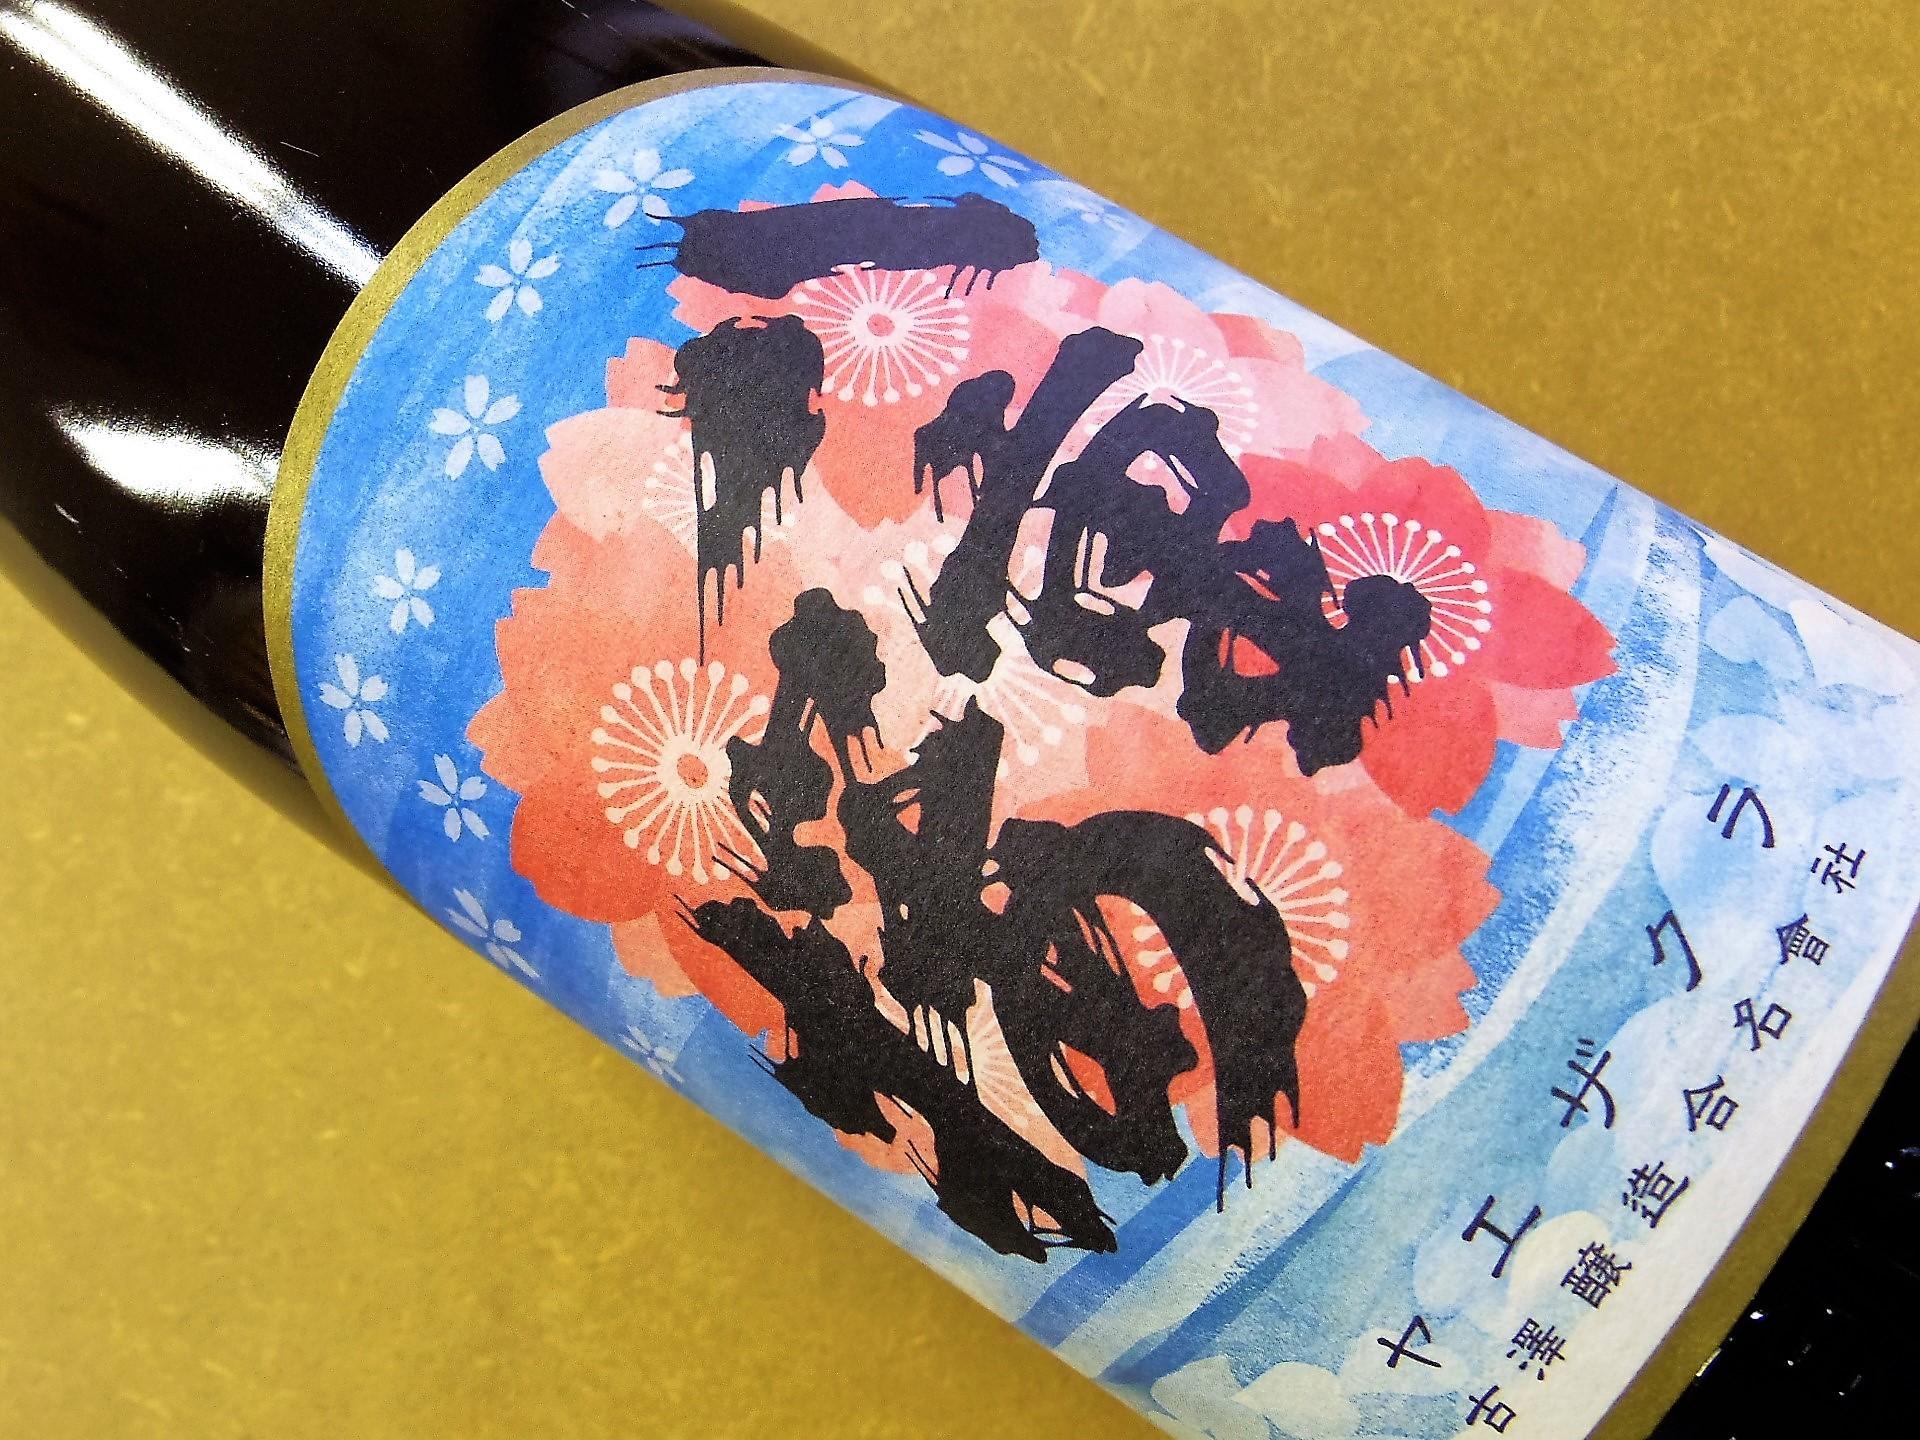 yaezakurasat0.jpg